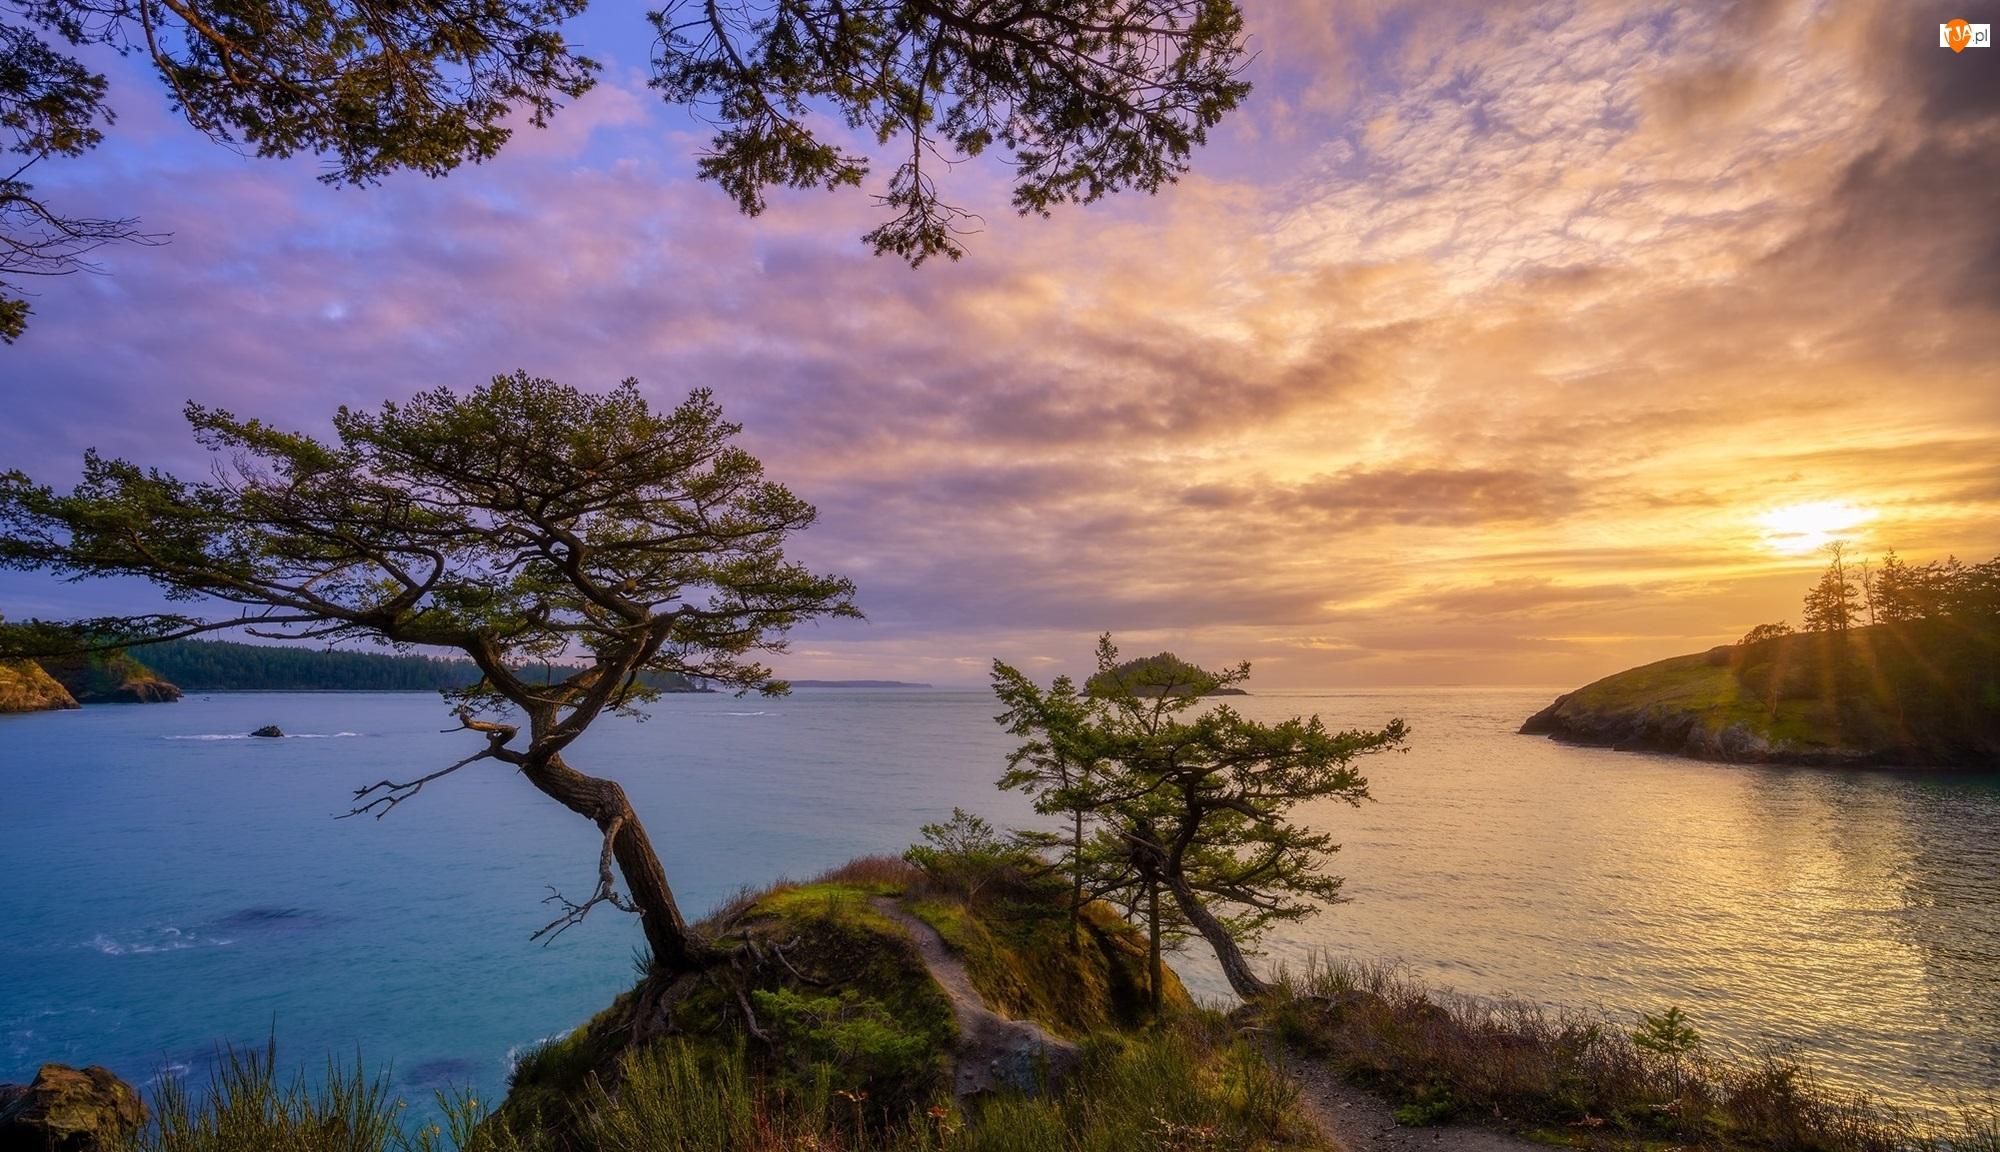 Chmury, Morze, Zachód słońca, Drzewa, Skała